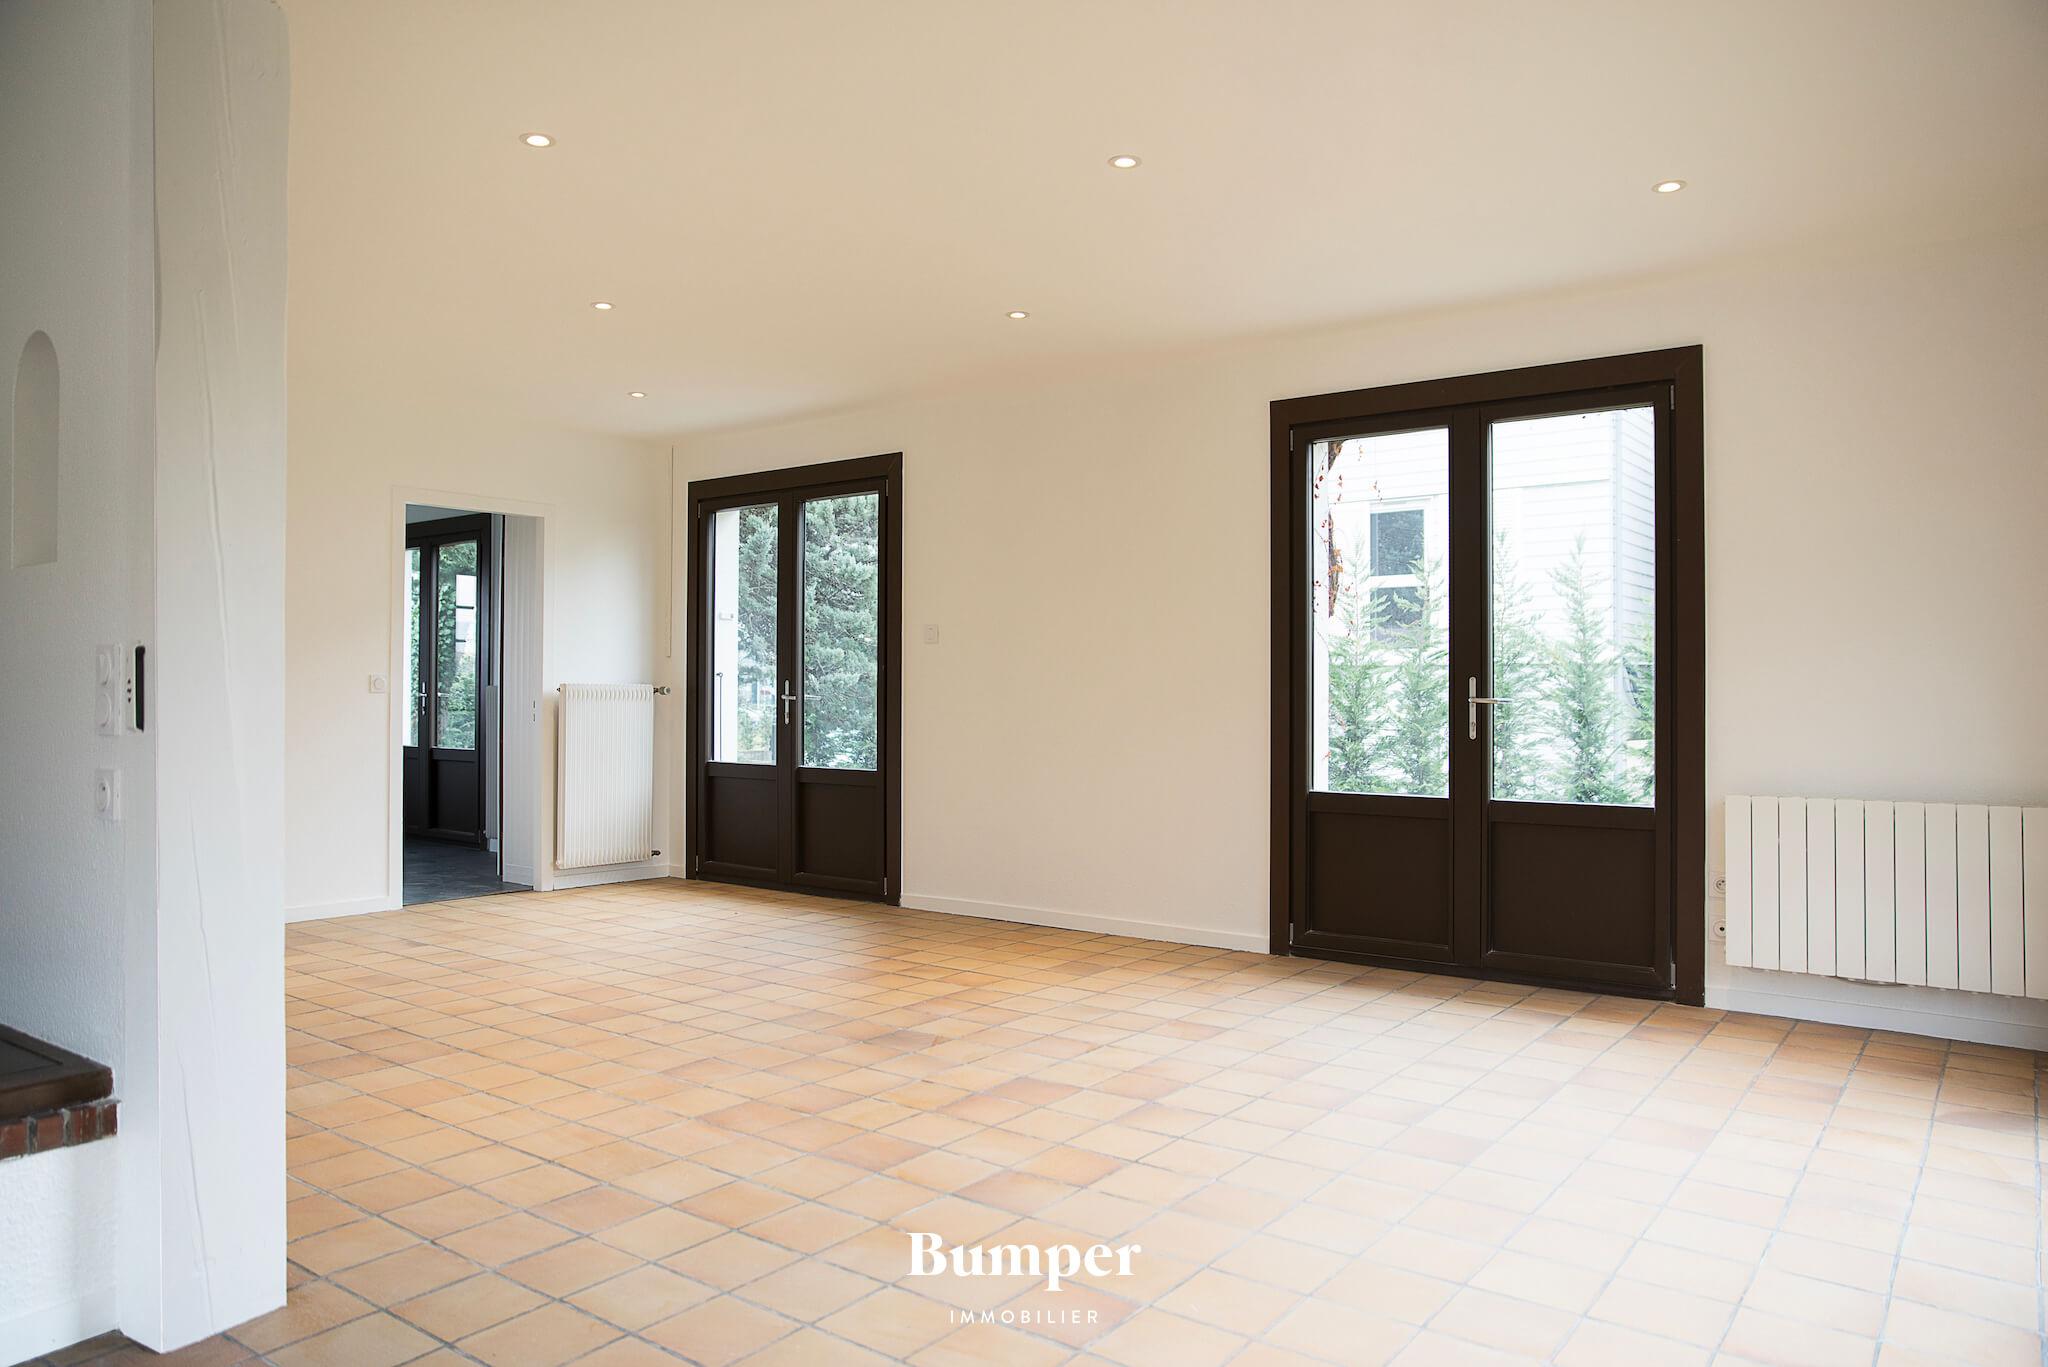 la-maison-bumper-immobilier-vente-achat-lyon-france-maison-segny-gex-geneve-1.jpg